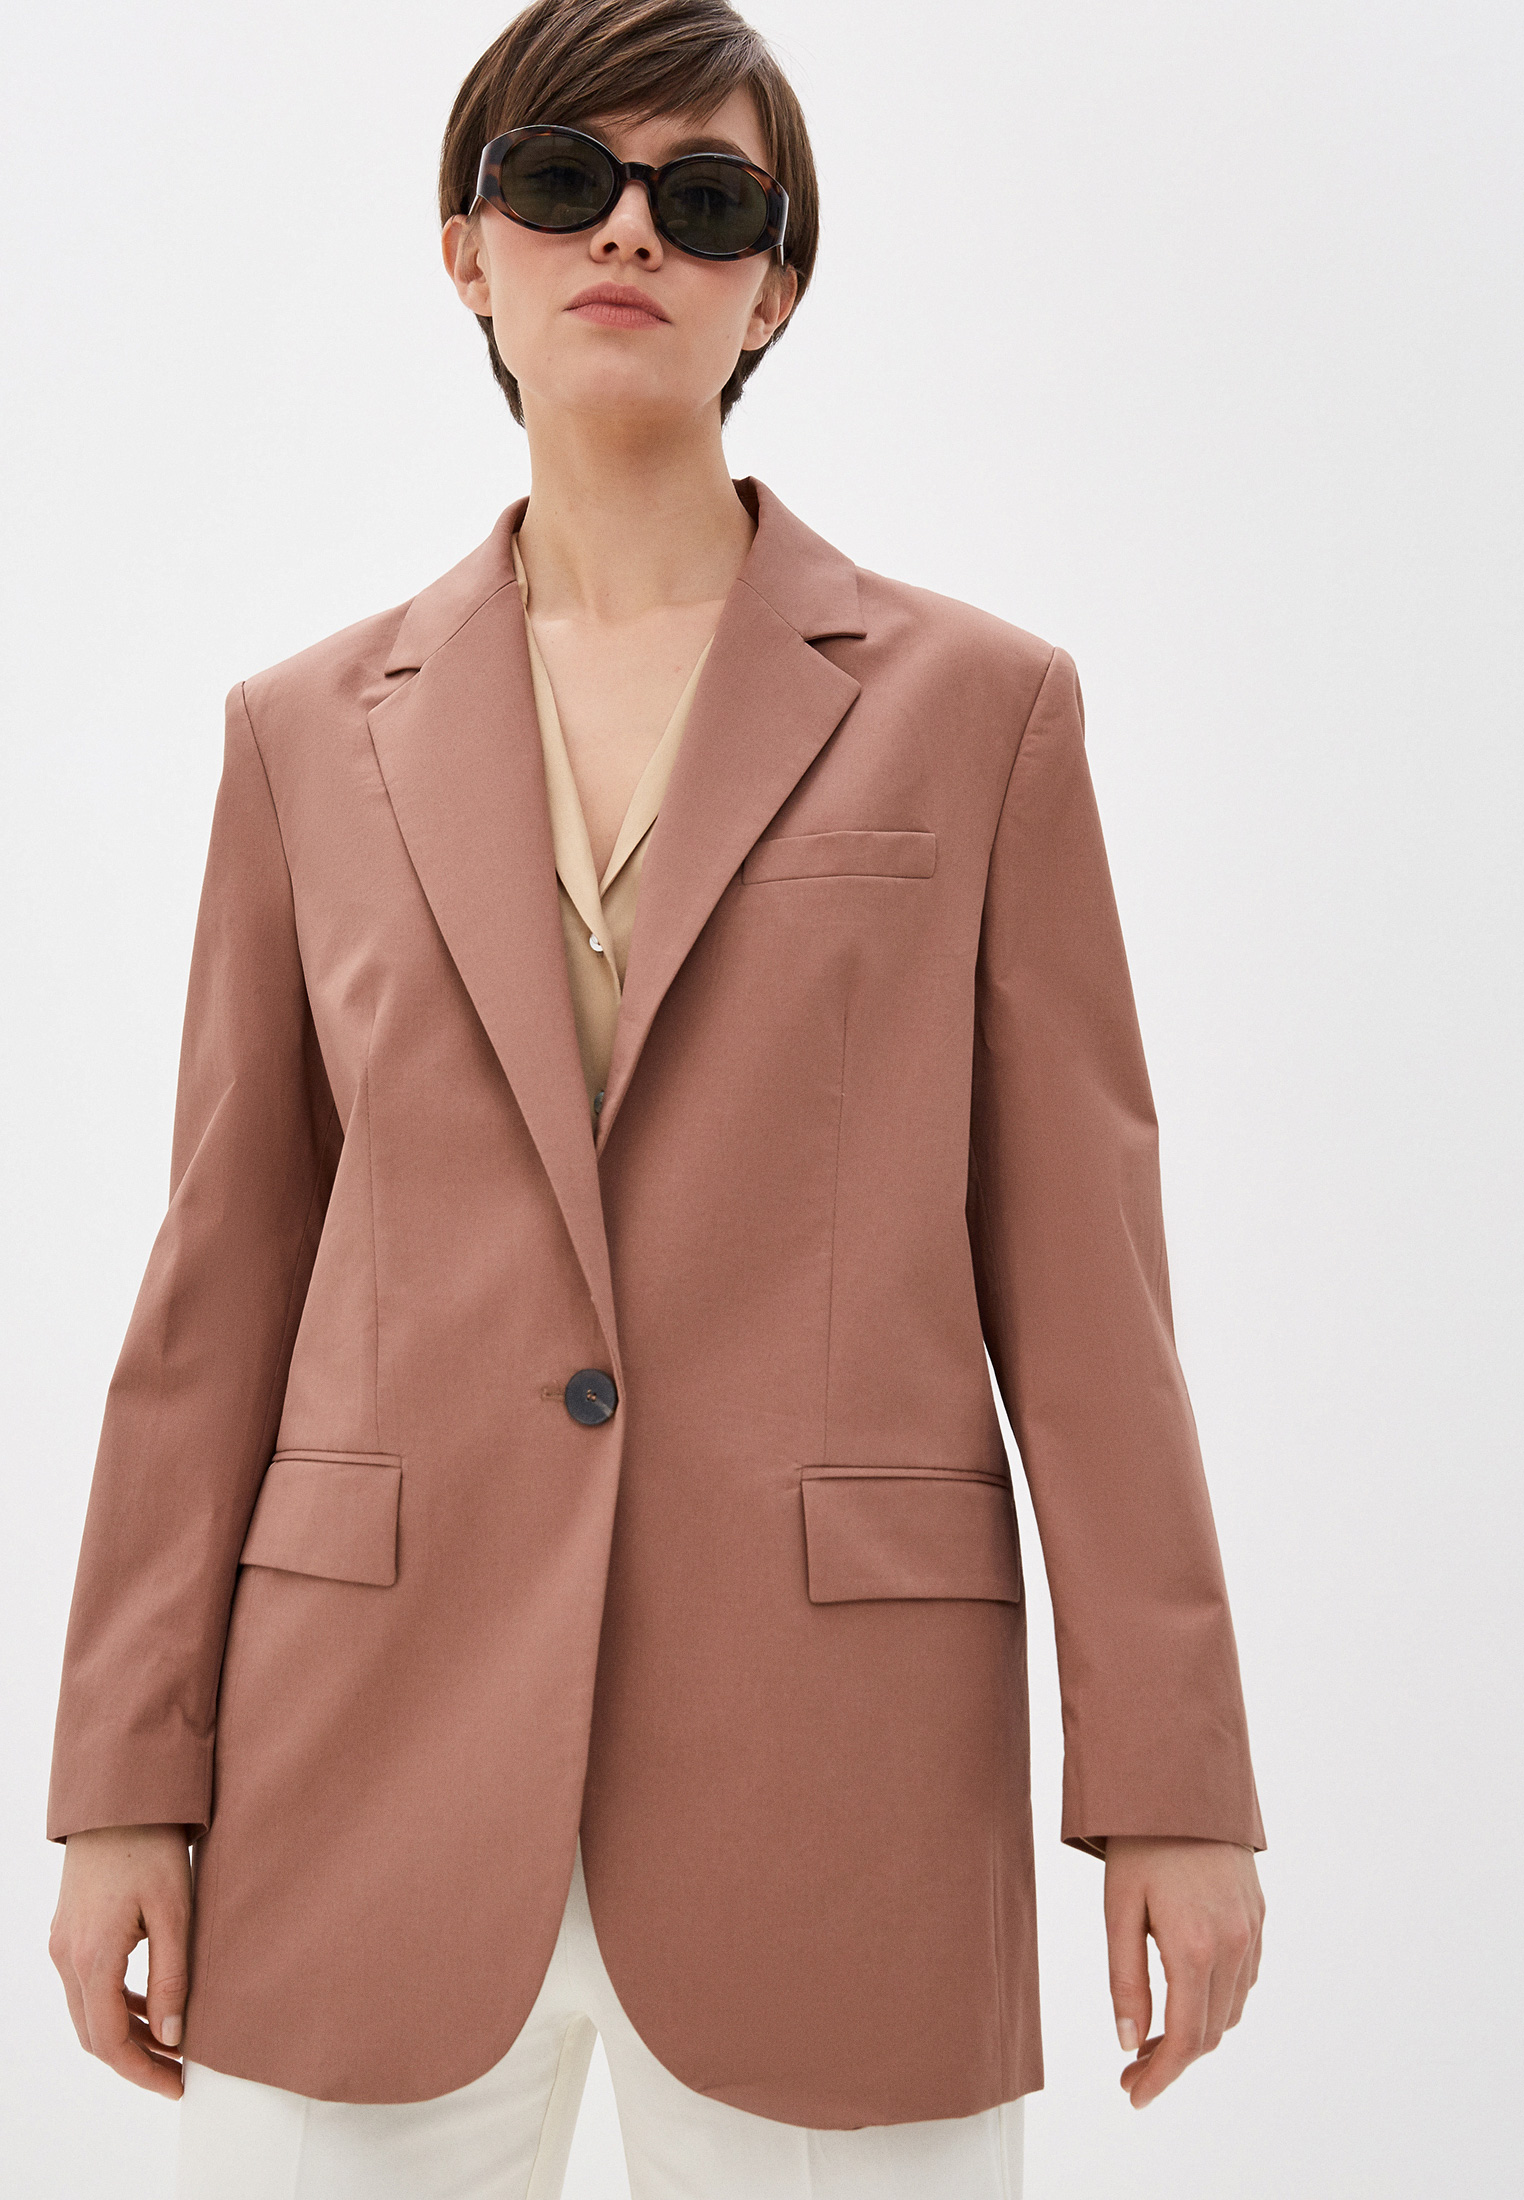 Пиджак Mango - SALLY купить за 3 799 ₽ в интернет-магазине Lamoda.ru